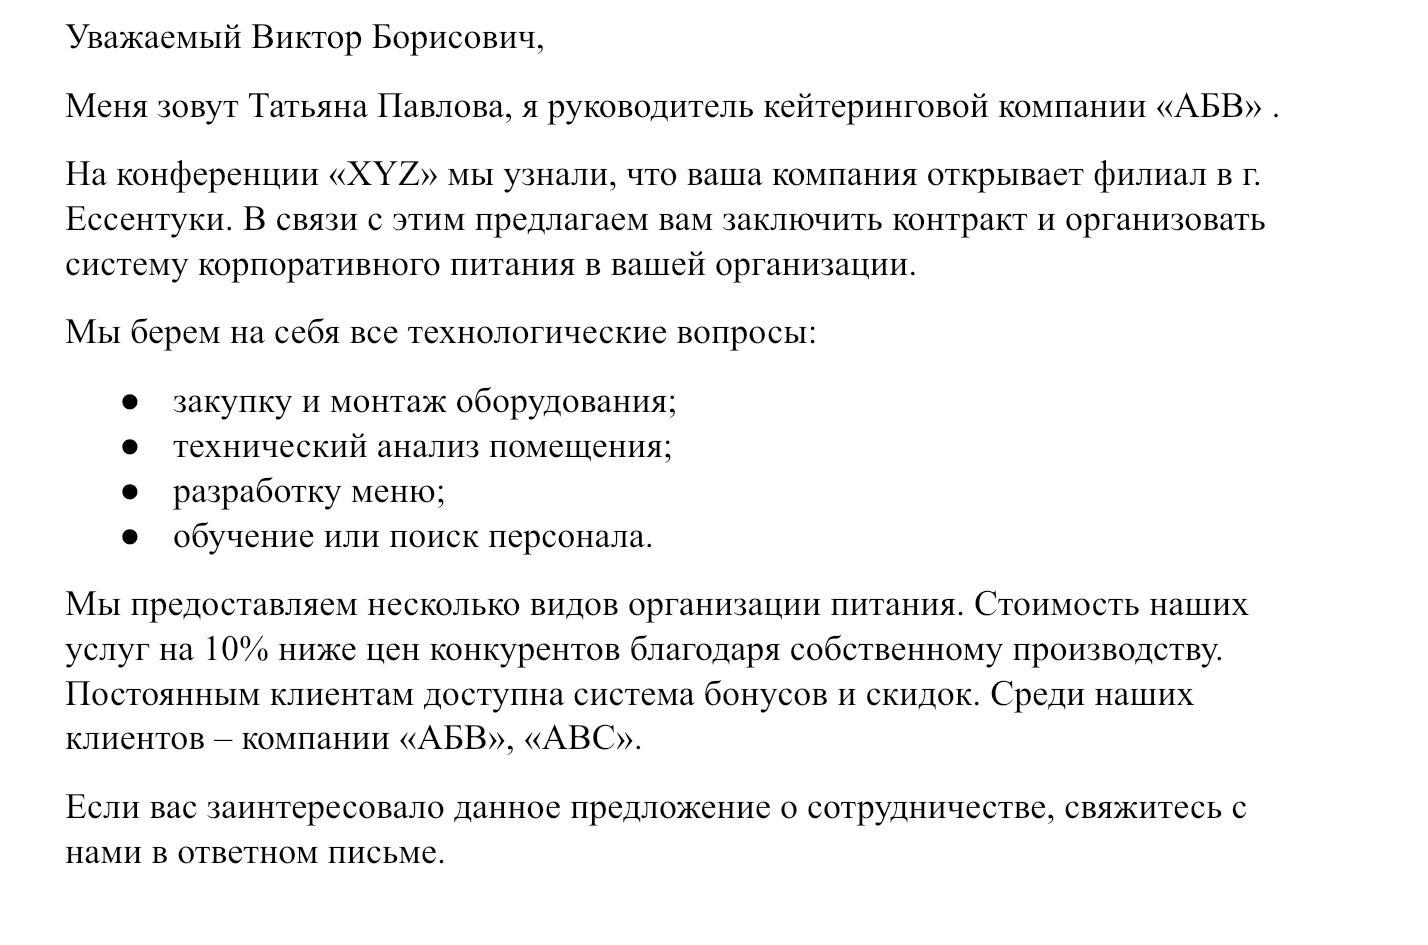 Пример письма с предложением о взаимовыгодном сотрудничестве